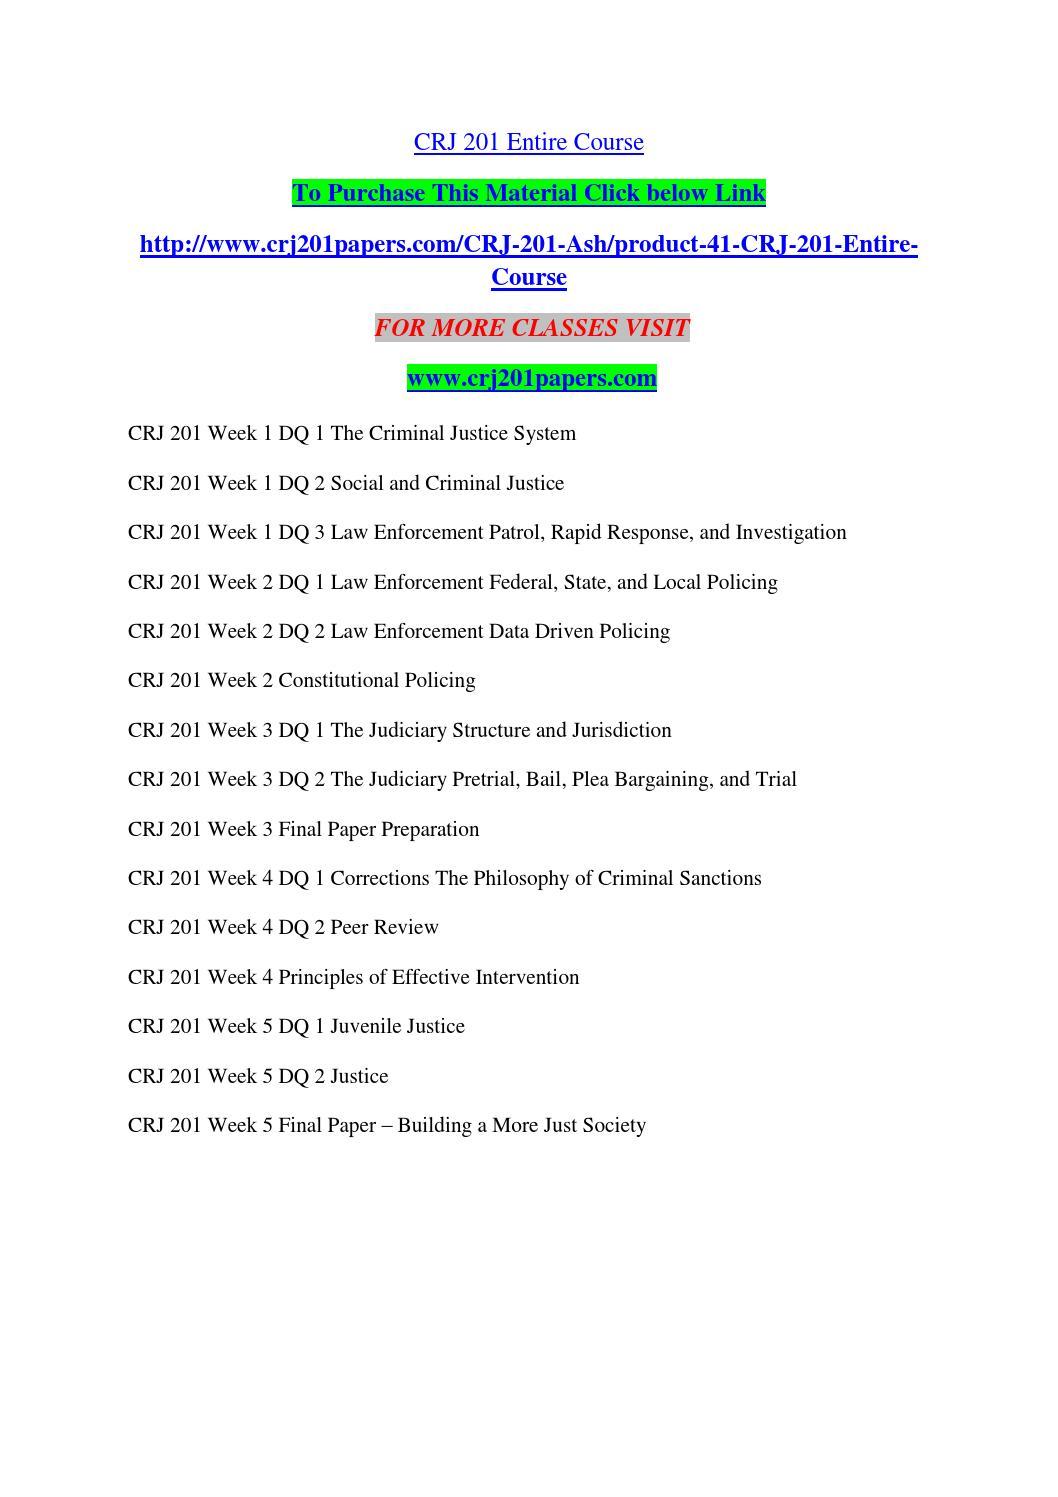 MATH 533 Final Exam 4 Sets